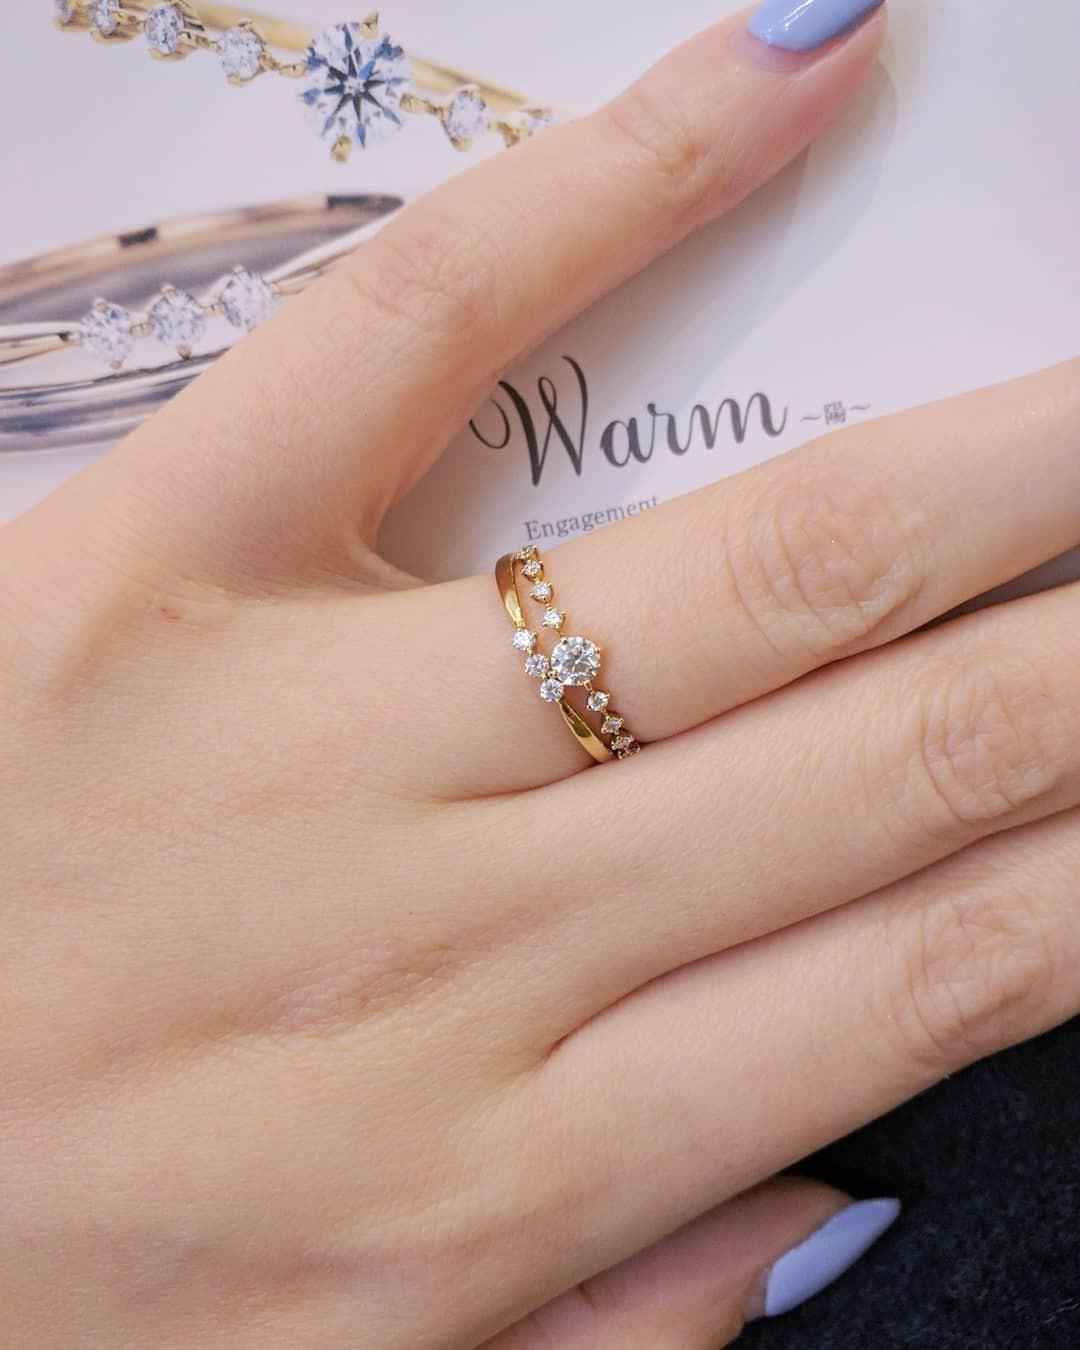 キラキラ輝くダイヤモンドが印象的な華奢な婚約指輪と結婚指輪